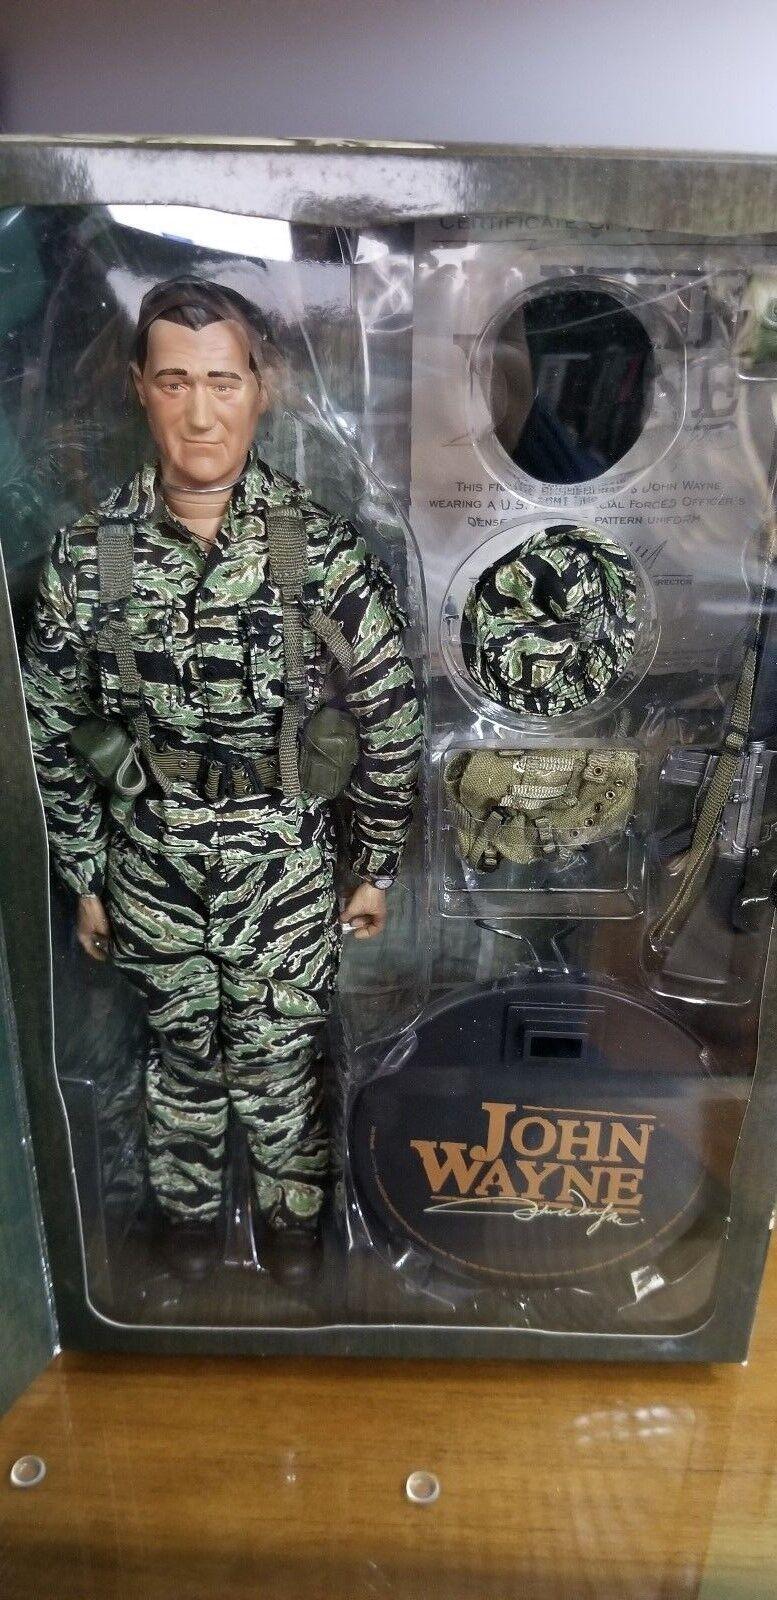 ... john - wayne - armee sondereinheiten seltenen tiger stripe camouflage - geschenk